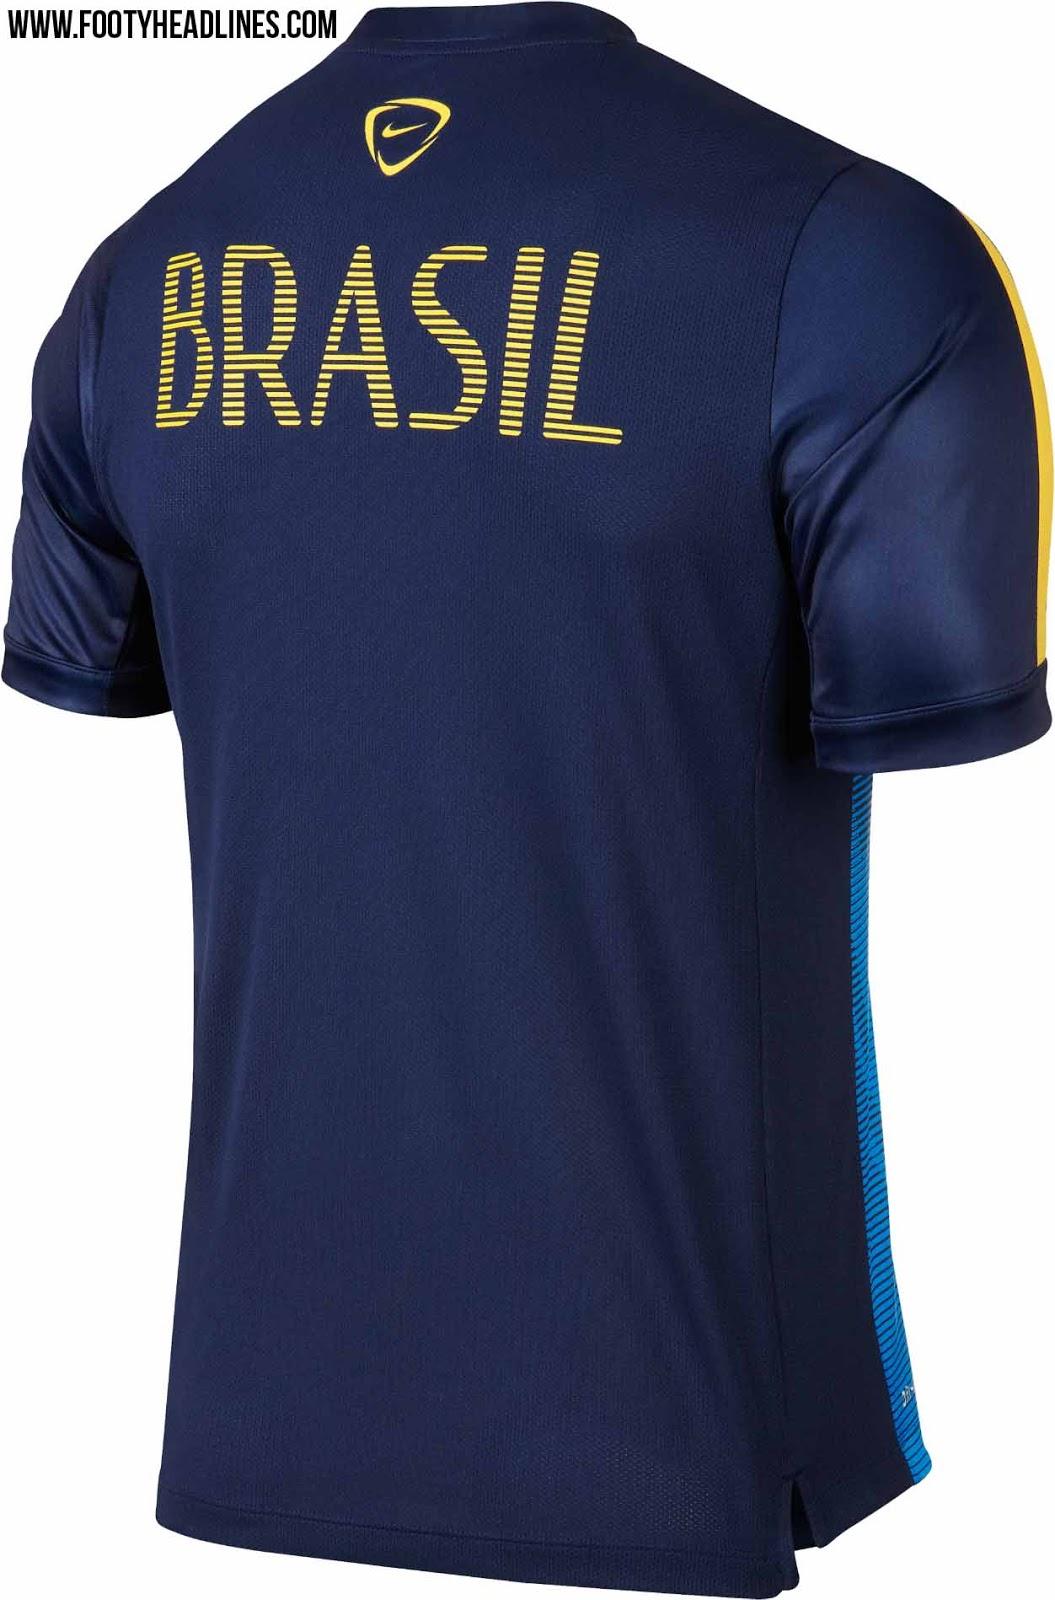 Nova camisa pré-jogo do Brasil acabbb022aebf